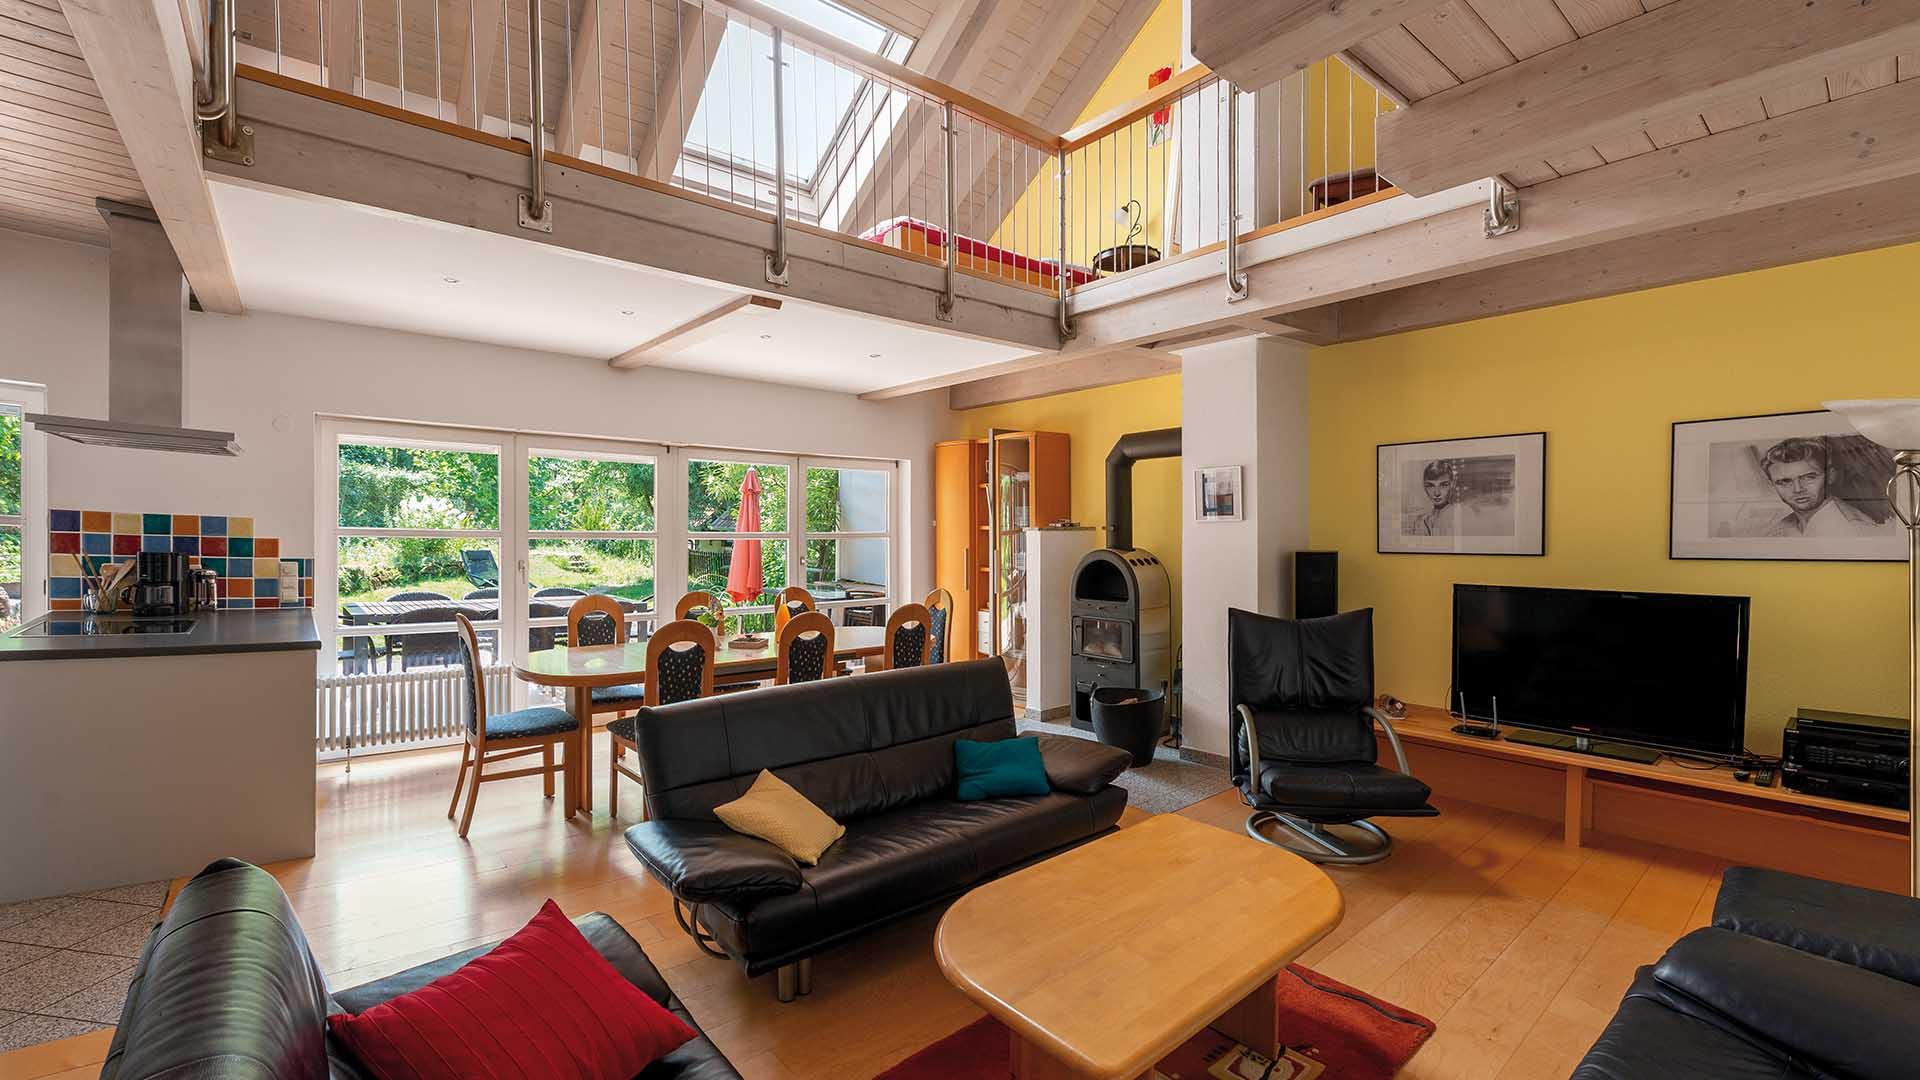 Ferienhaus am Schönwasen - Wohnzimmer